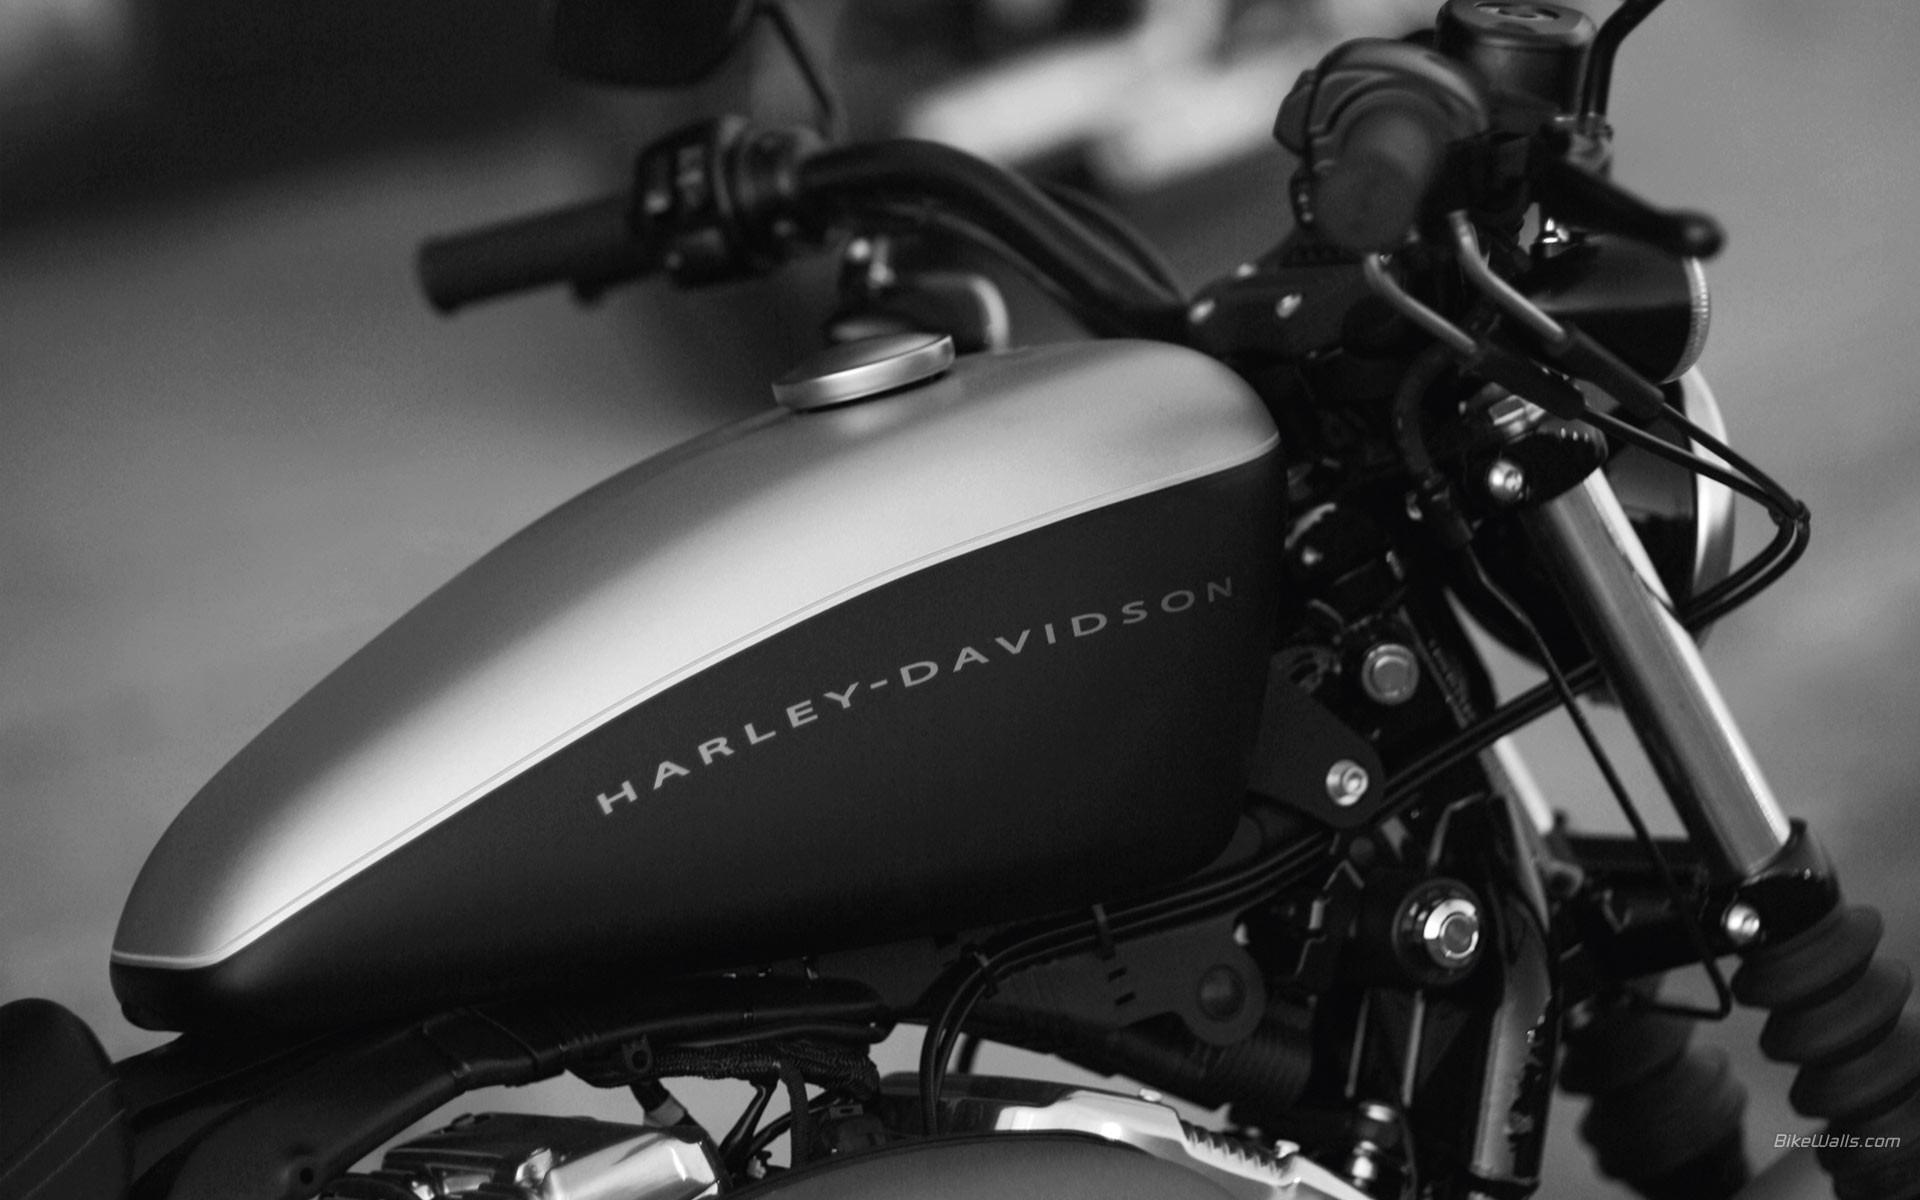 Harley davidson wallpaper hd 74 images 2048x1416 harley davidson wallpaper desktop 23244 hd pictures top voltagebd Images